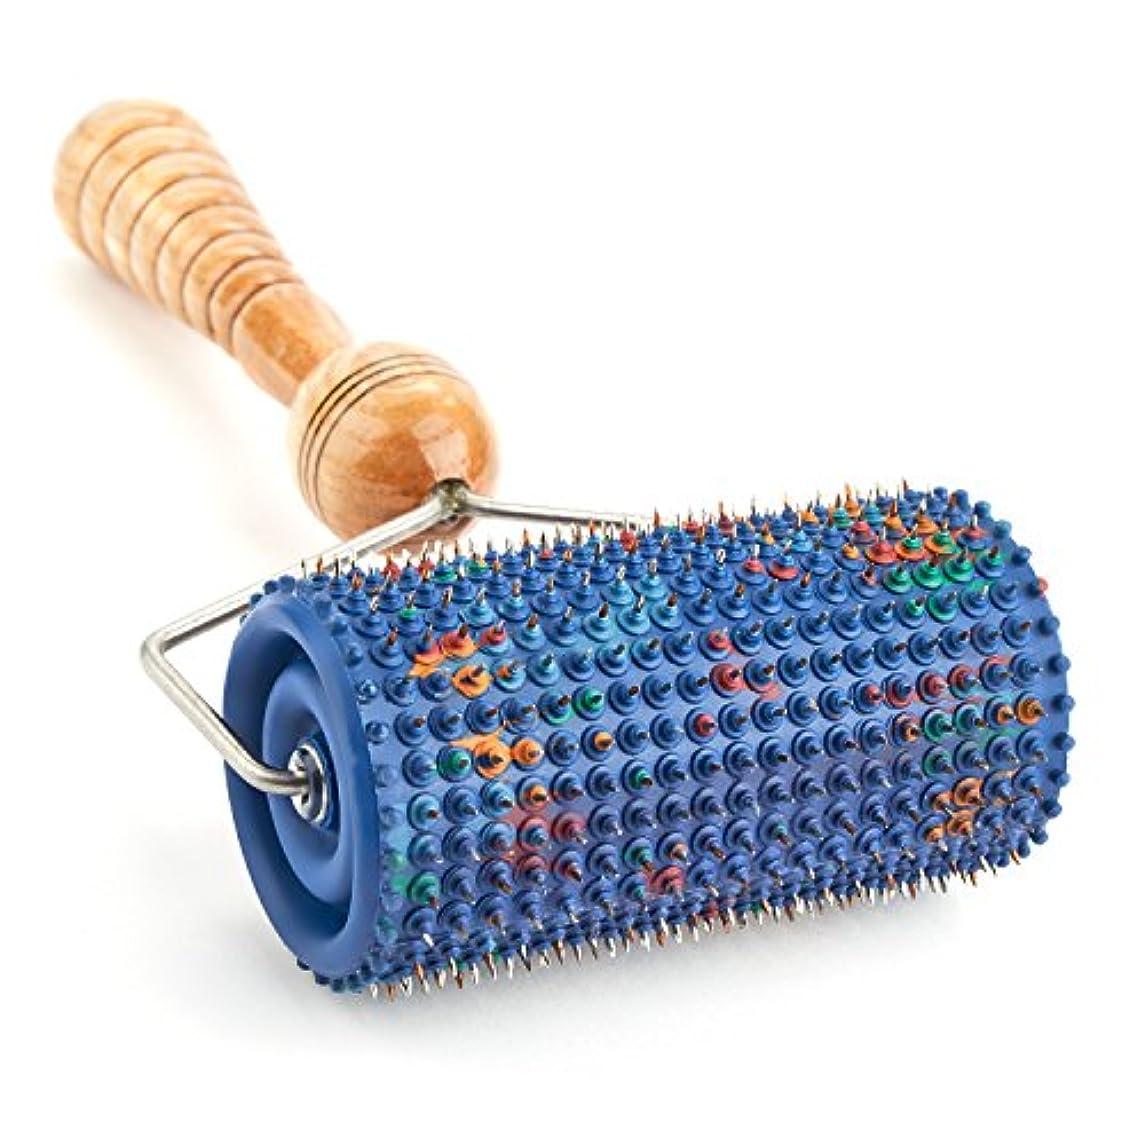 胚表向き渦LYAPKOビッグローラーマッサージャー5.0 シルバーコーティング 指圧570針使用。体の広範囲のマッサージ用。ユニークなアプリケーター治療 セルフ ダイナミック マッサージ ツール Big Roller Massager...